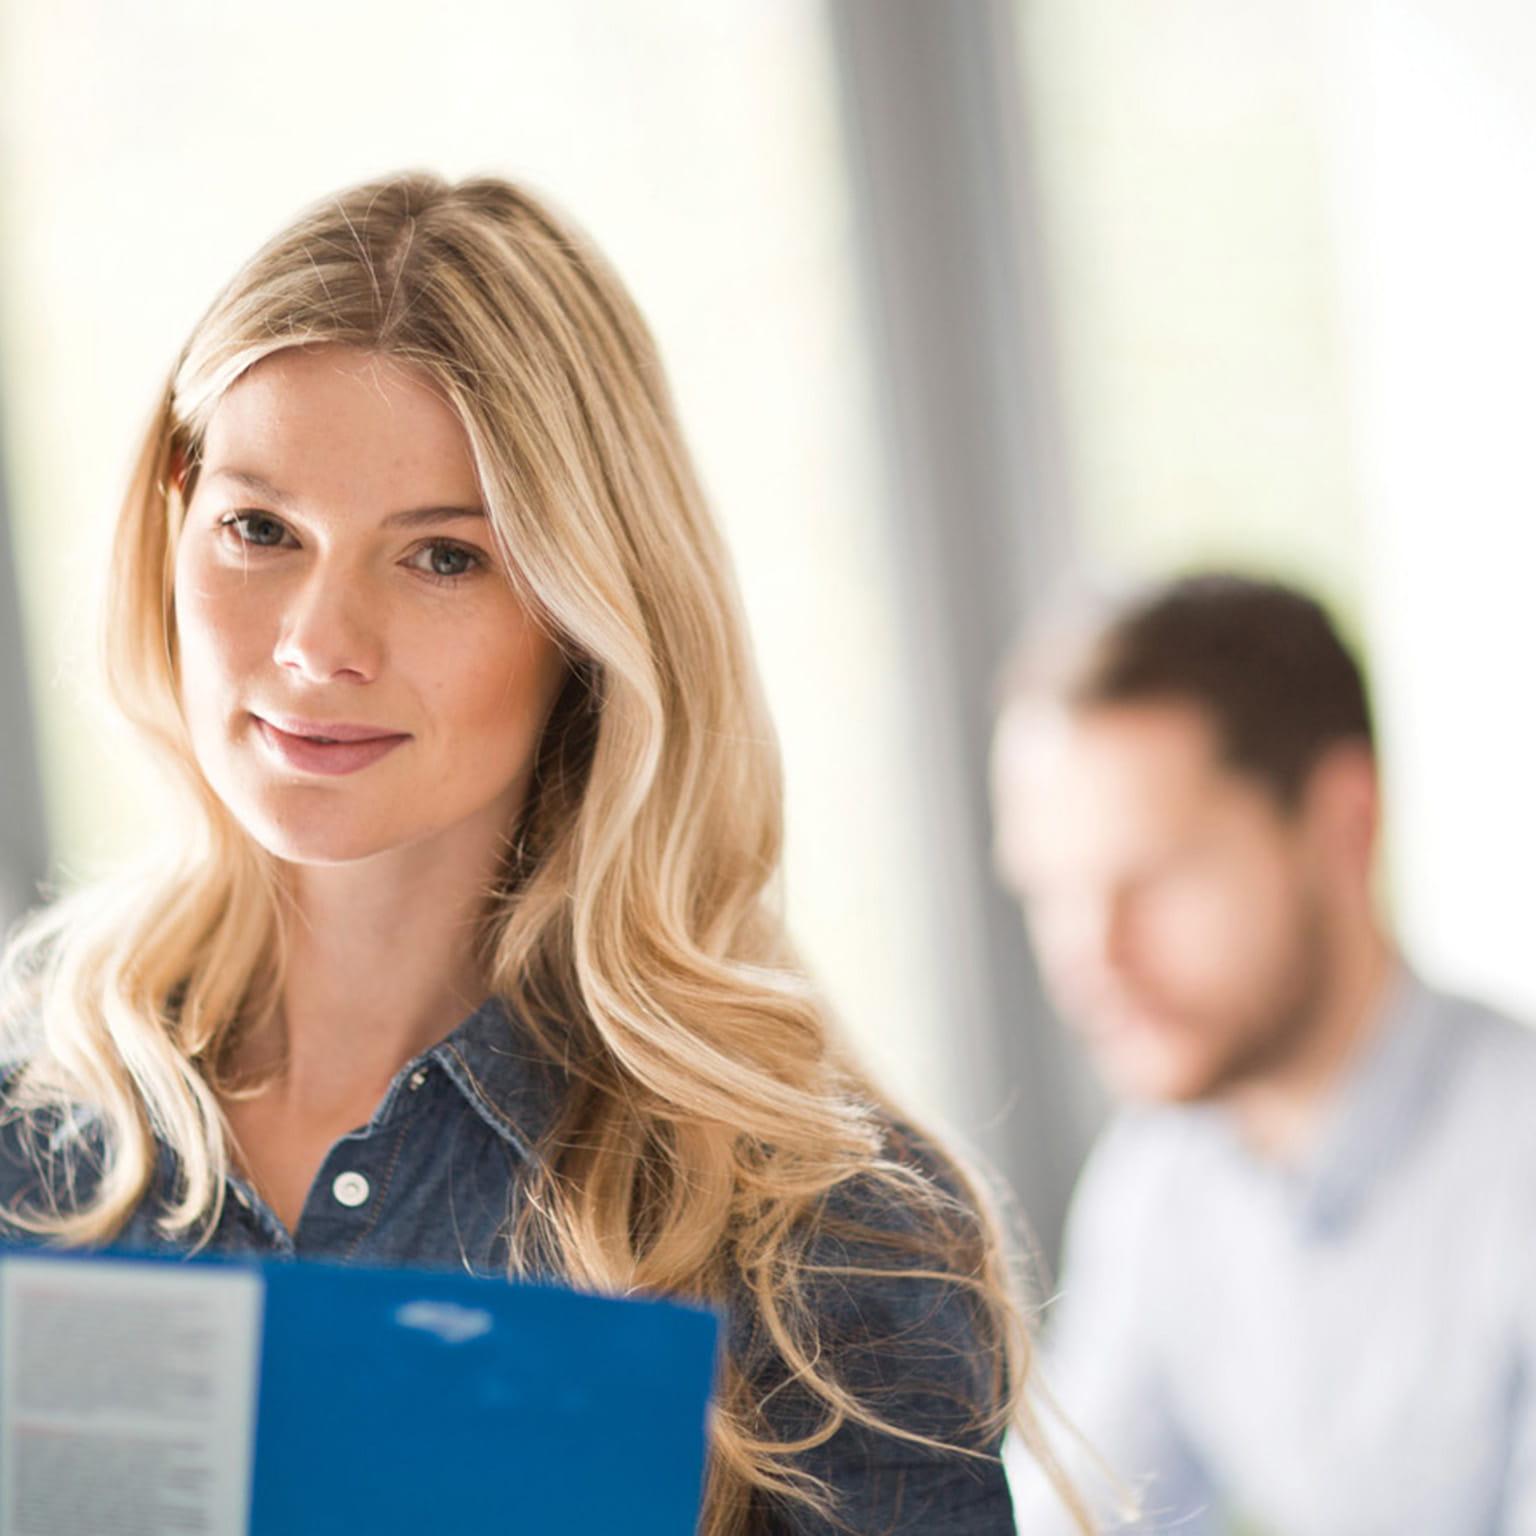 Poslovna ženska v pisarni